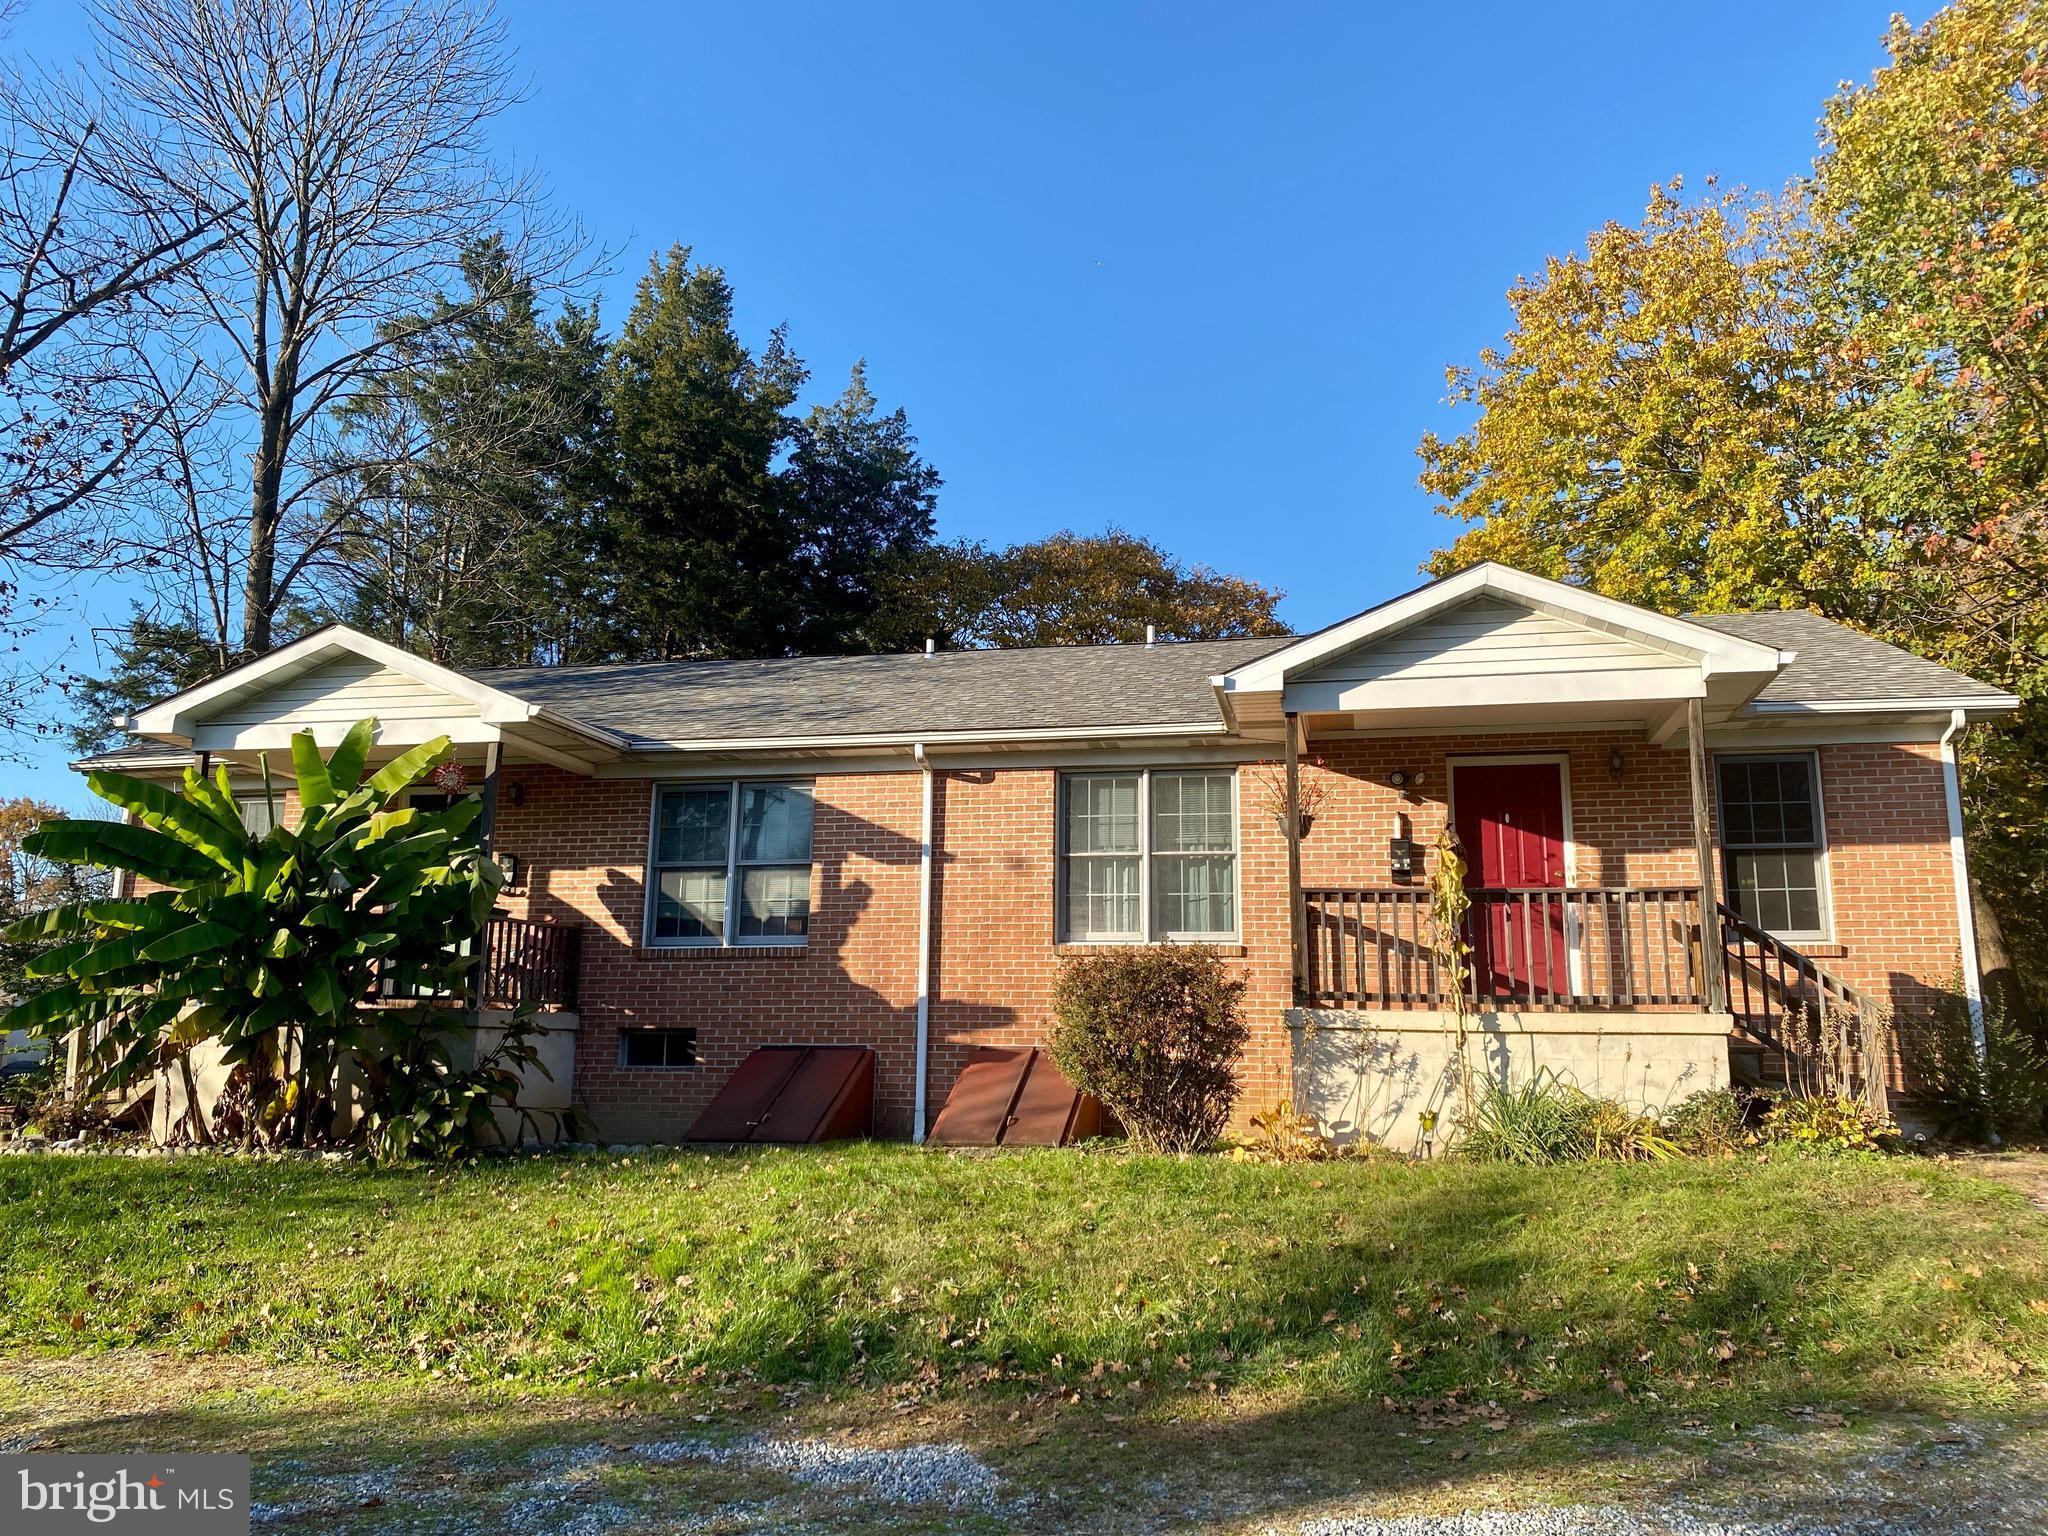 417 E Cecil Ave, North East, MD, 21901